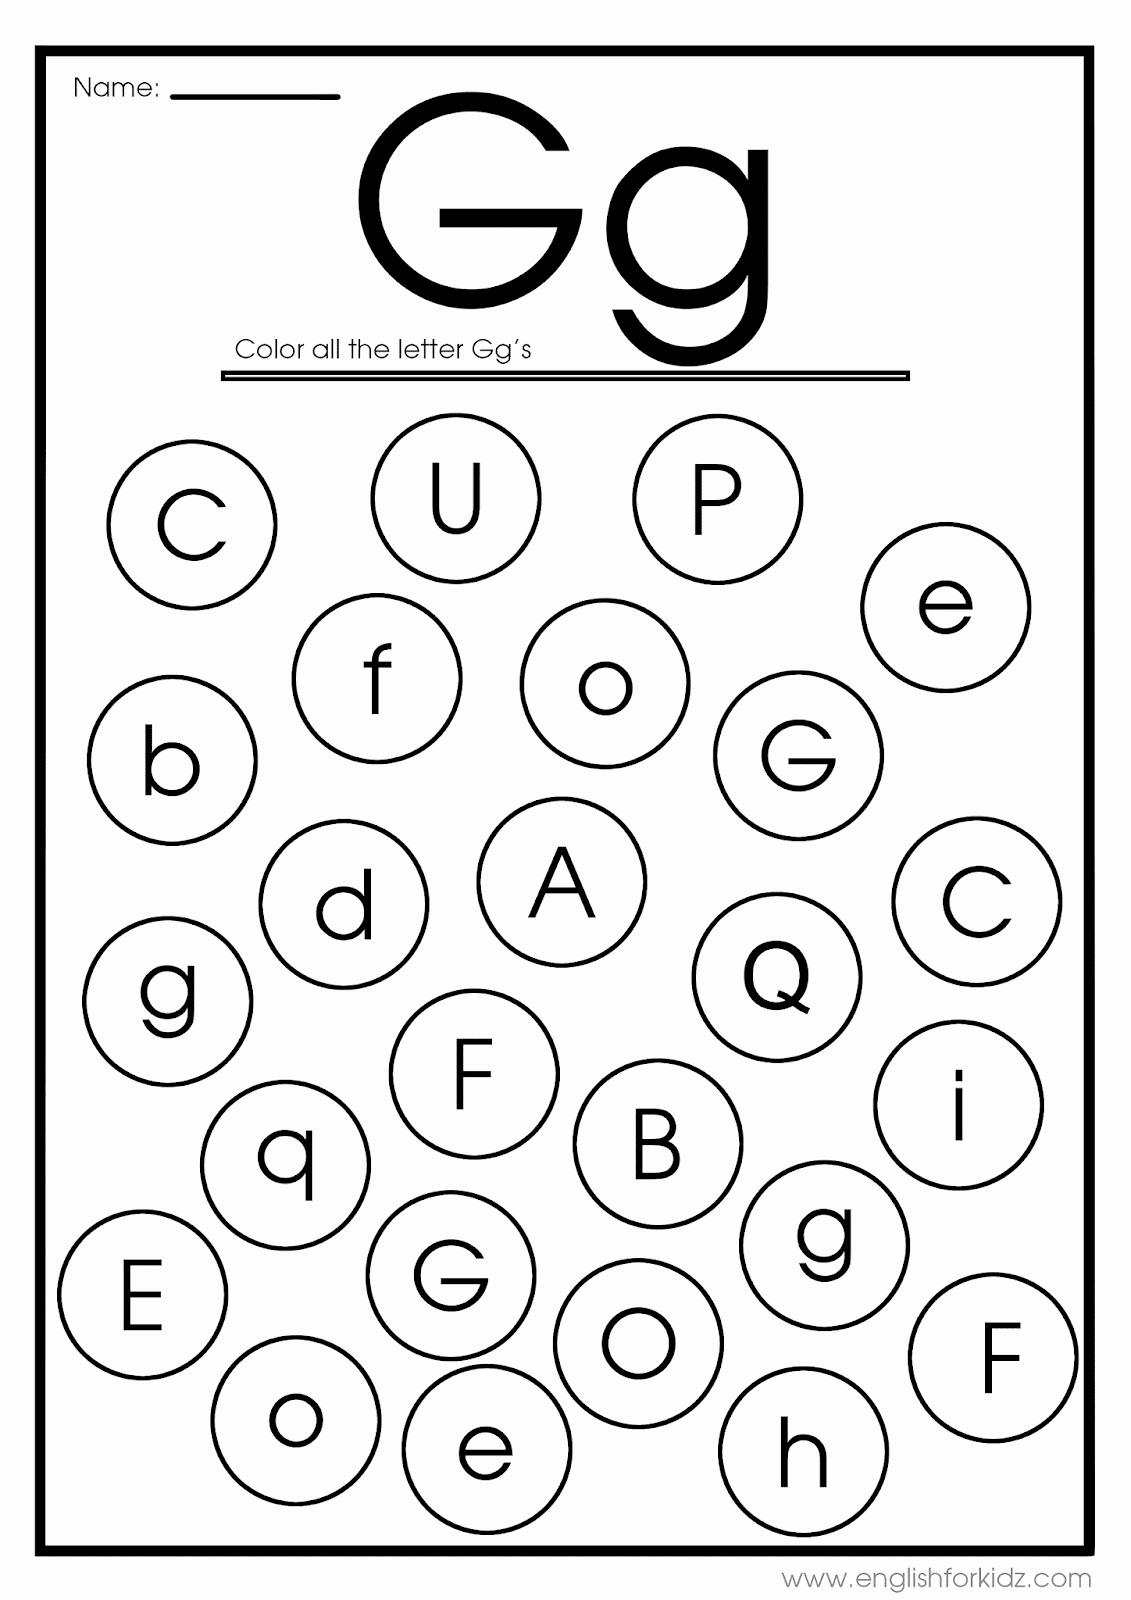 G Worksheets for Preschool Elegant English for Kids Step by Step Letter G Worksheets Flash